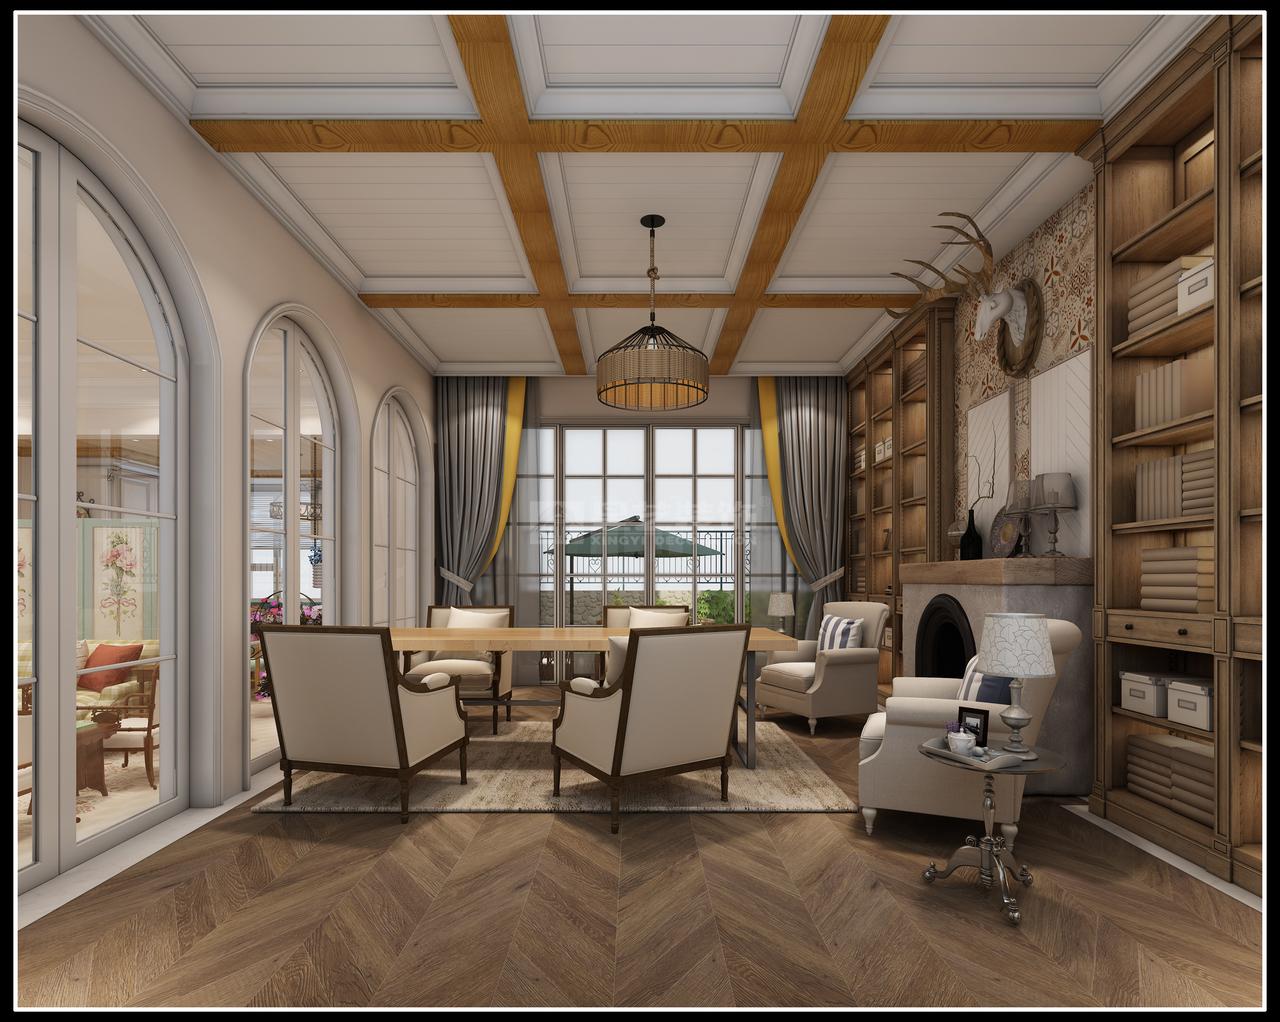 简美装饰风格以功能舒适为导向空间做了合理细致的规划。